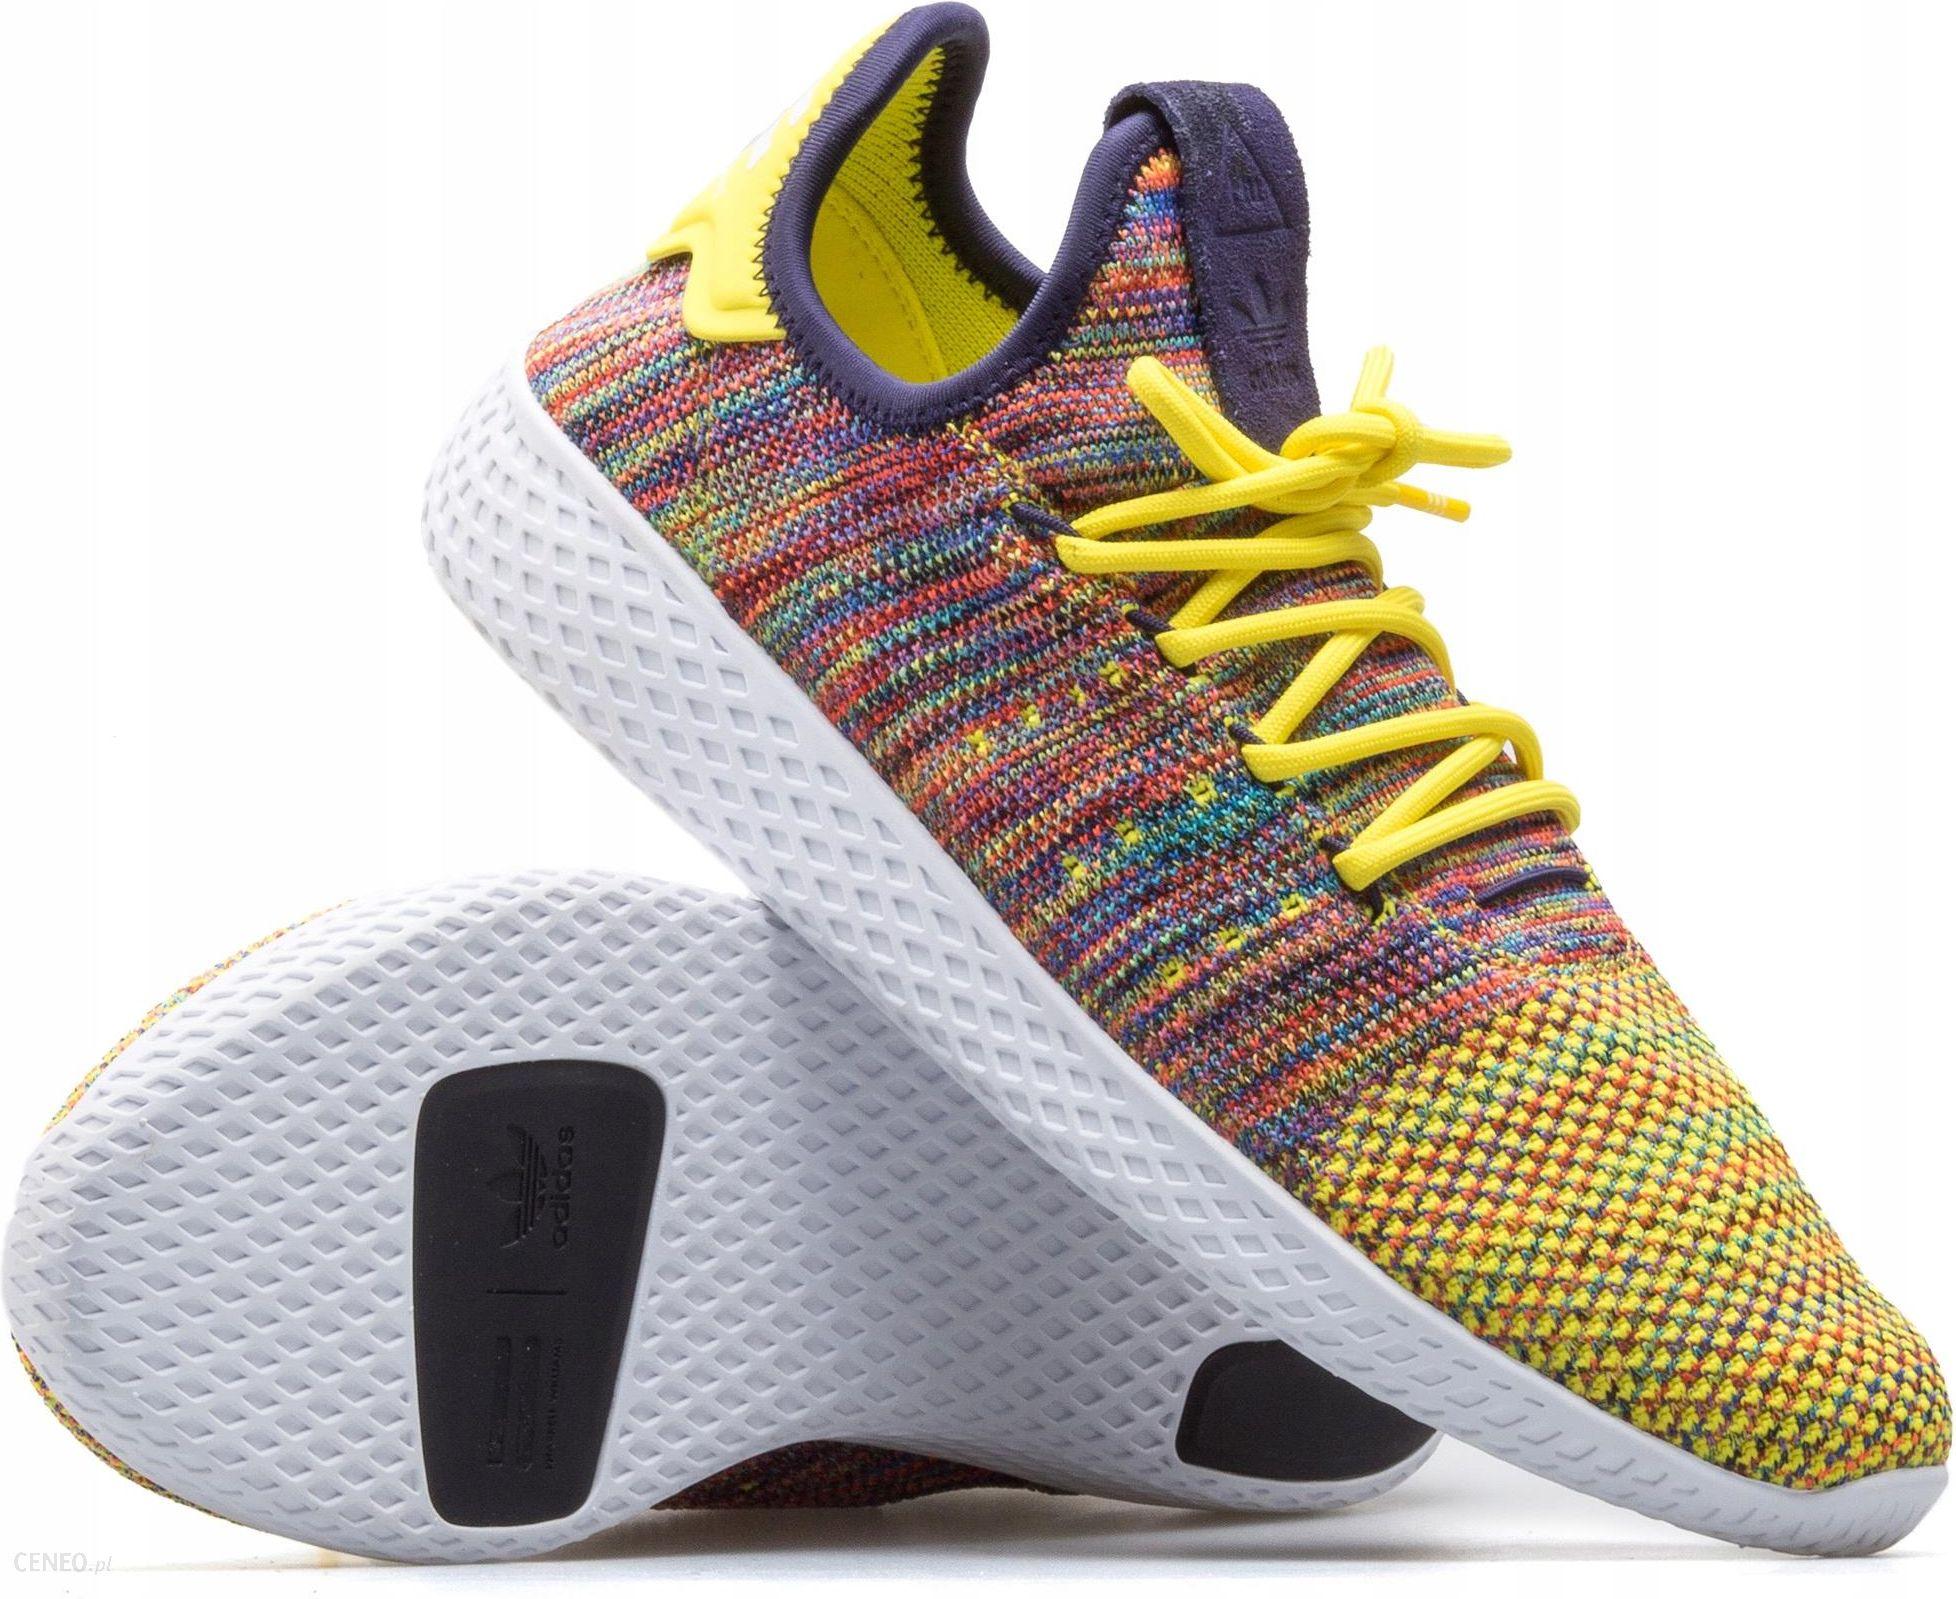 Buty męskie adidas Pw Tennis Hu BY2673 r. 37 13 Ceny i opinie Ceneo.pl